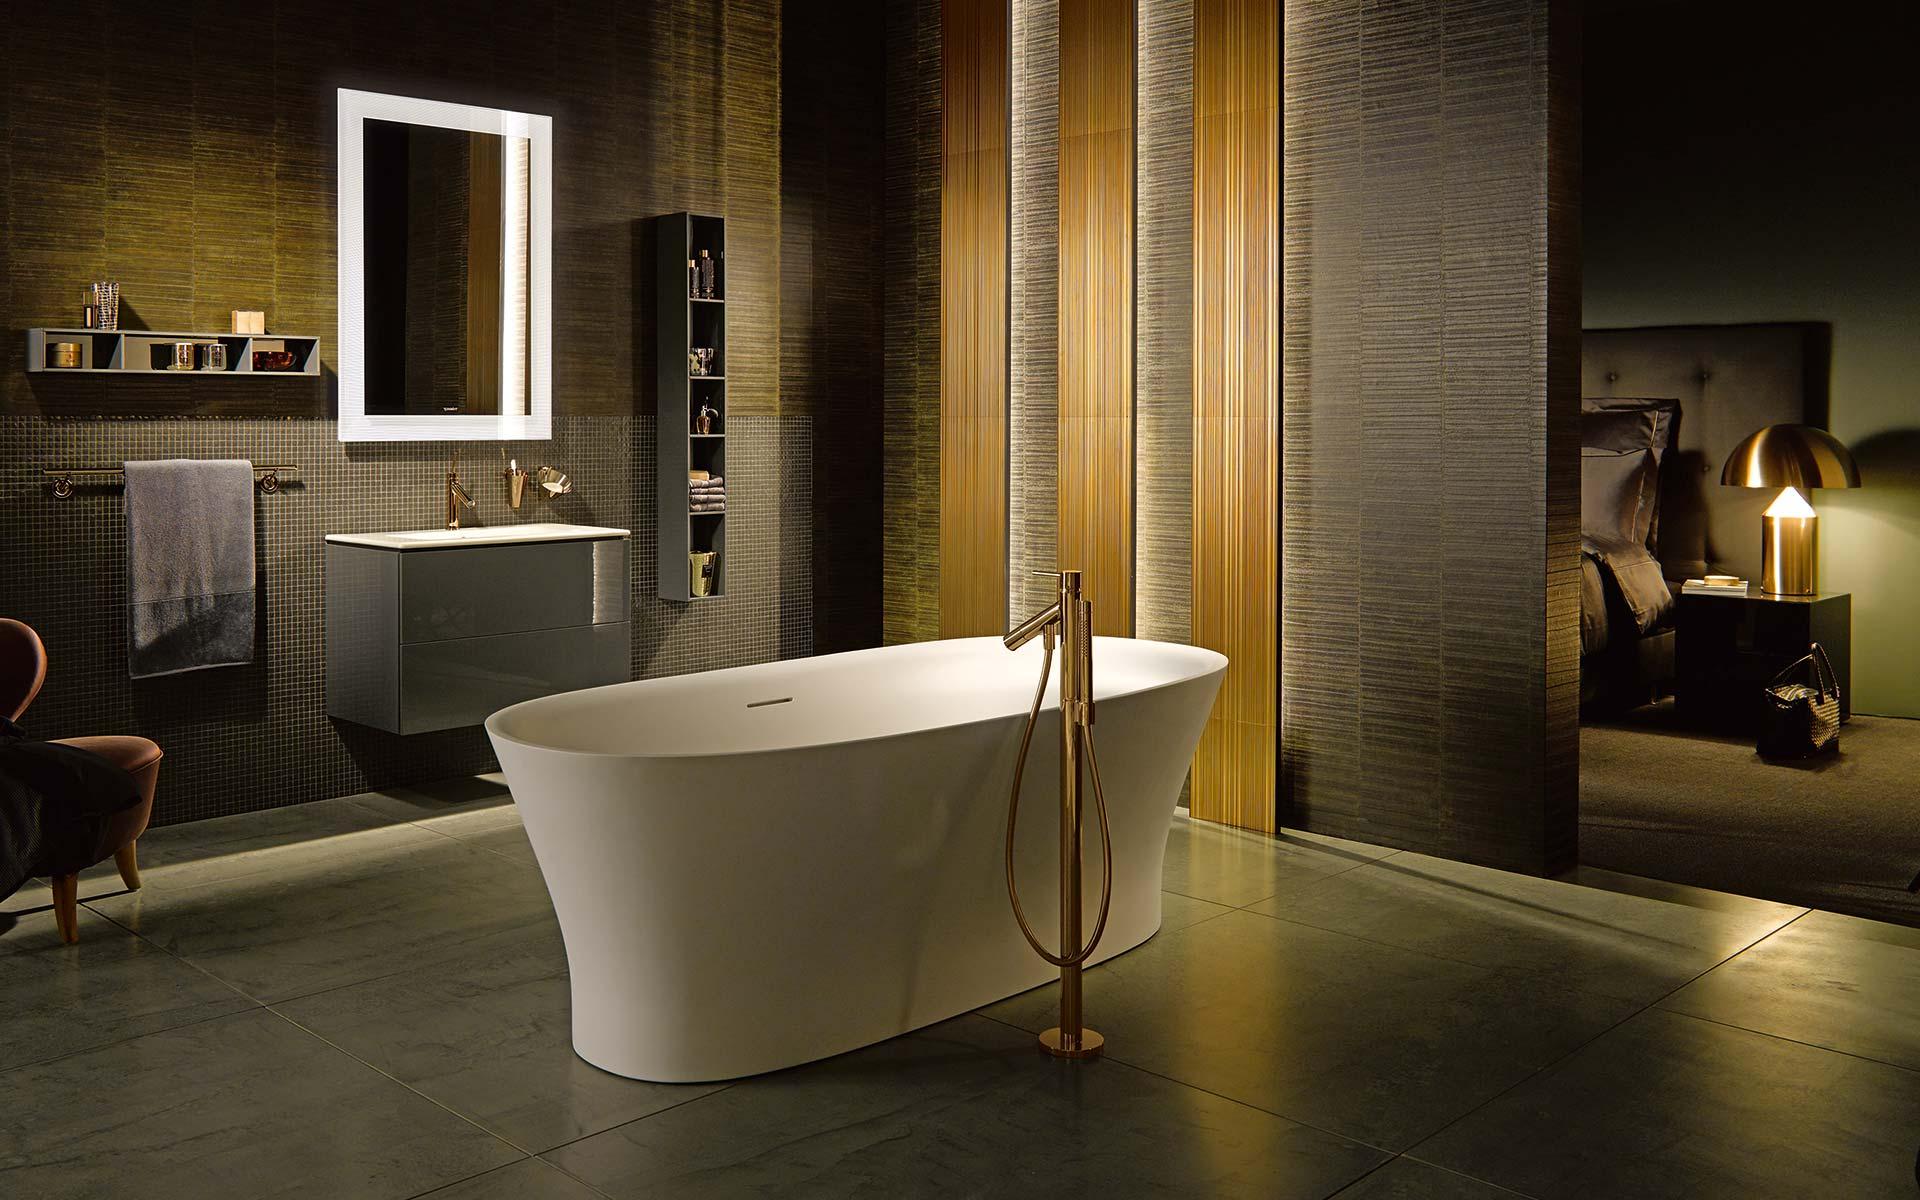 Badezimmer Gestaltung - Ihr persönliches Spa im eigenen Zuhause